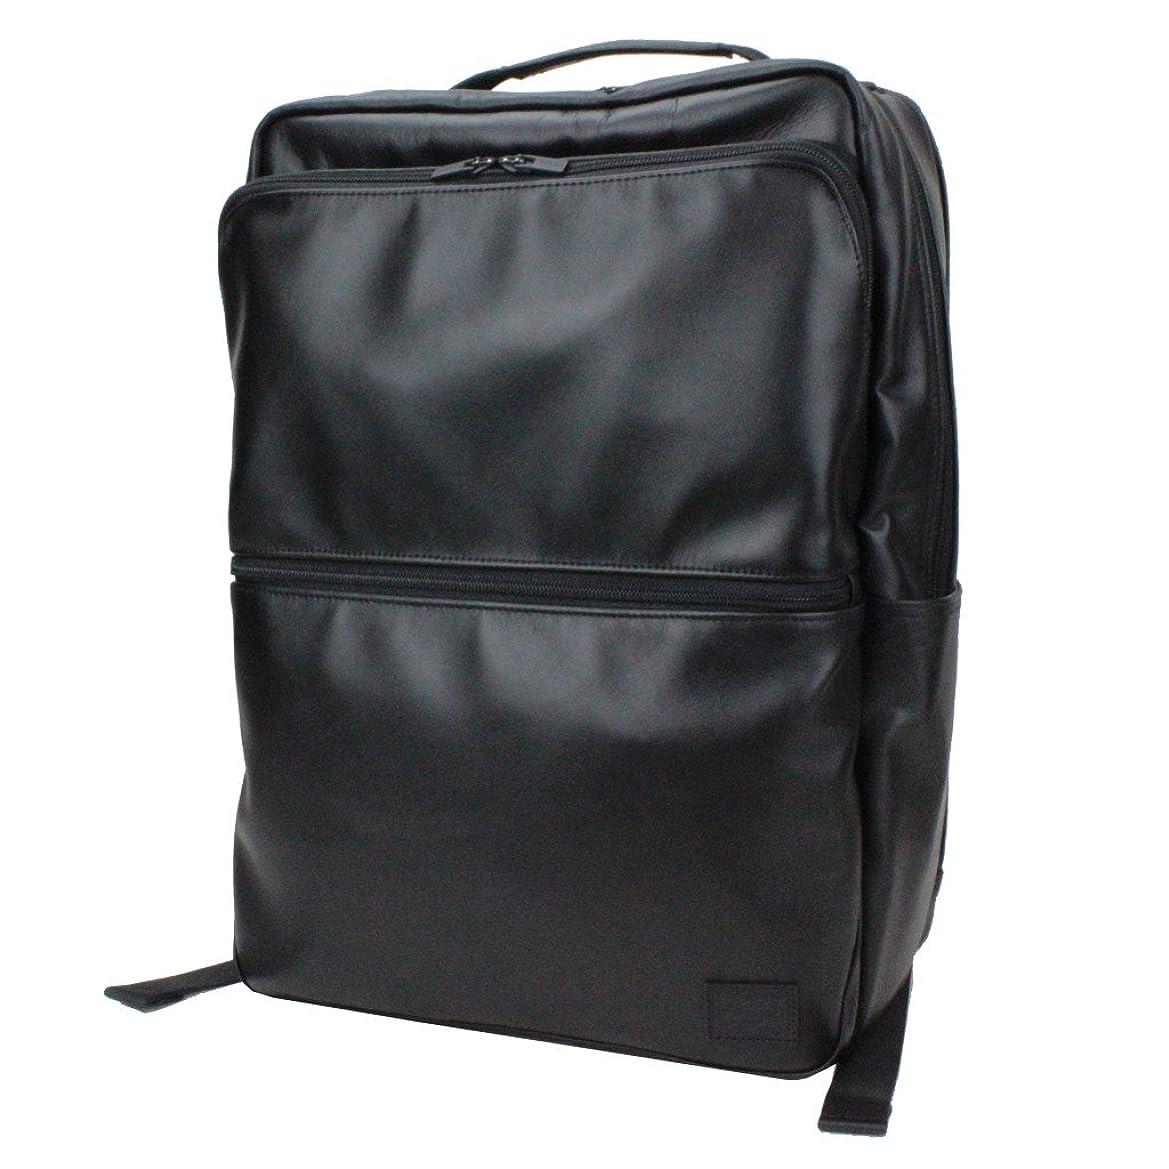 混乱した従来の確認してください吉田カバン PORTER ポーター TIME BLACK タイム ブラック デイパック 146-16103